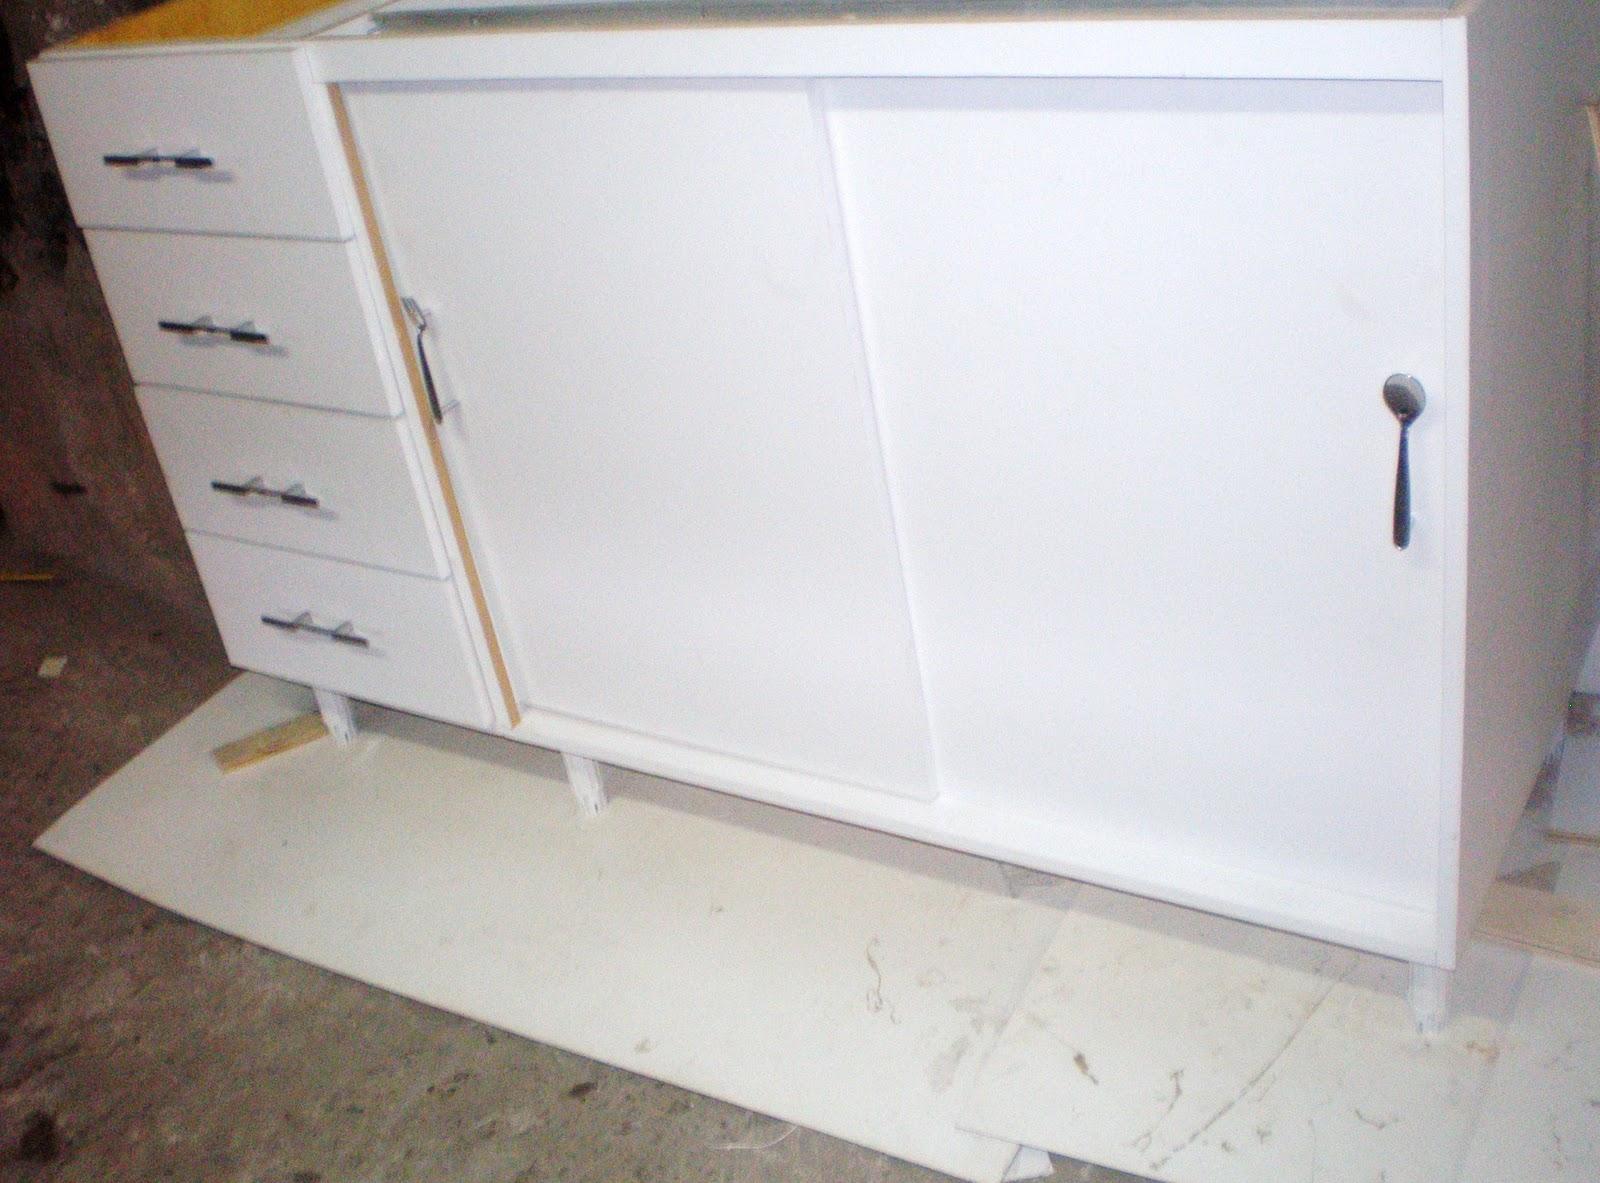 Gabinete de pia de cozinha com 4 gavetas profundas e portas de correr  #766245 1600 1183